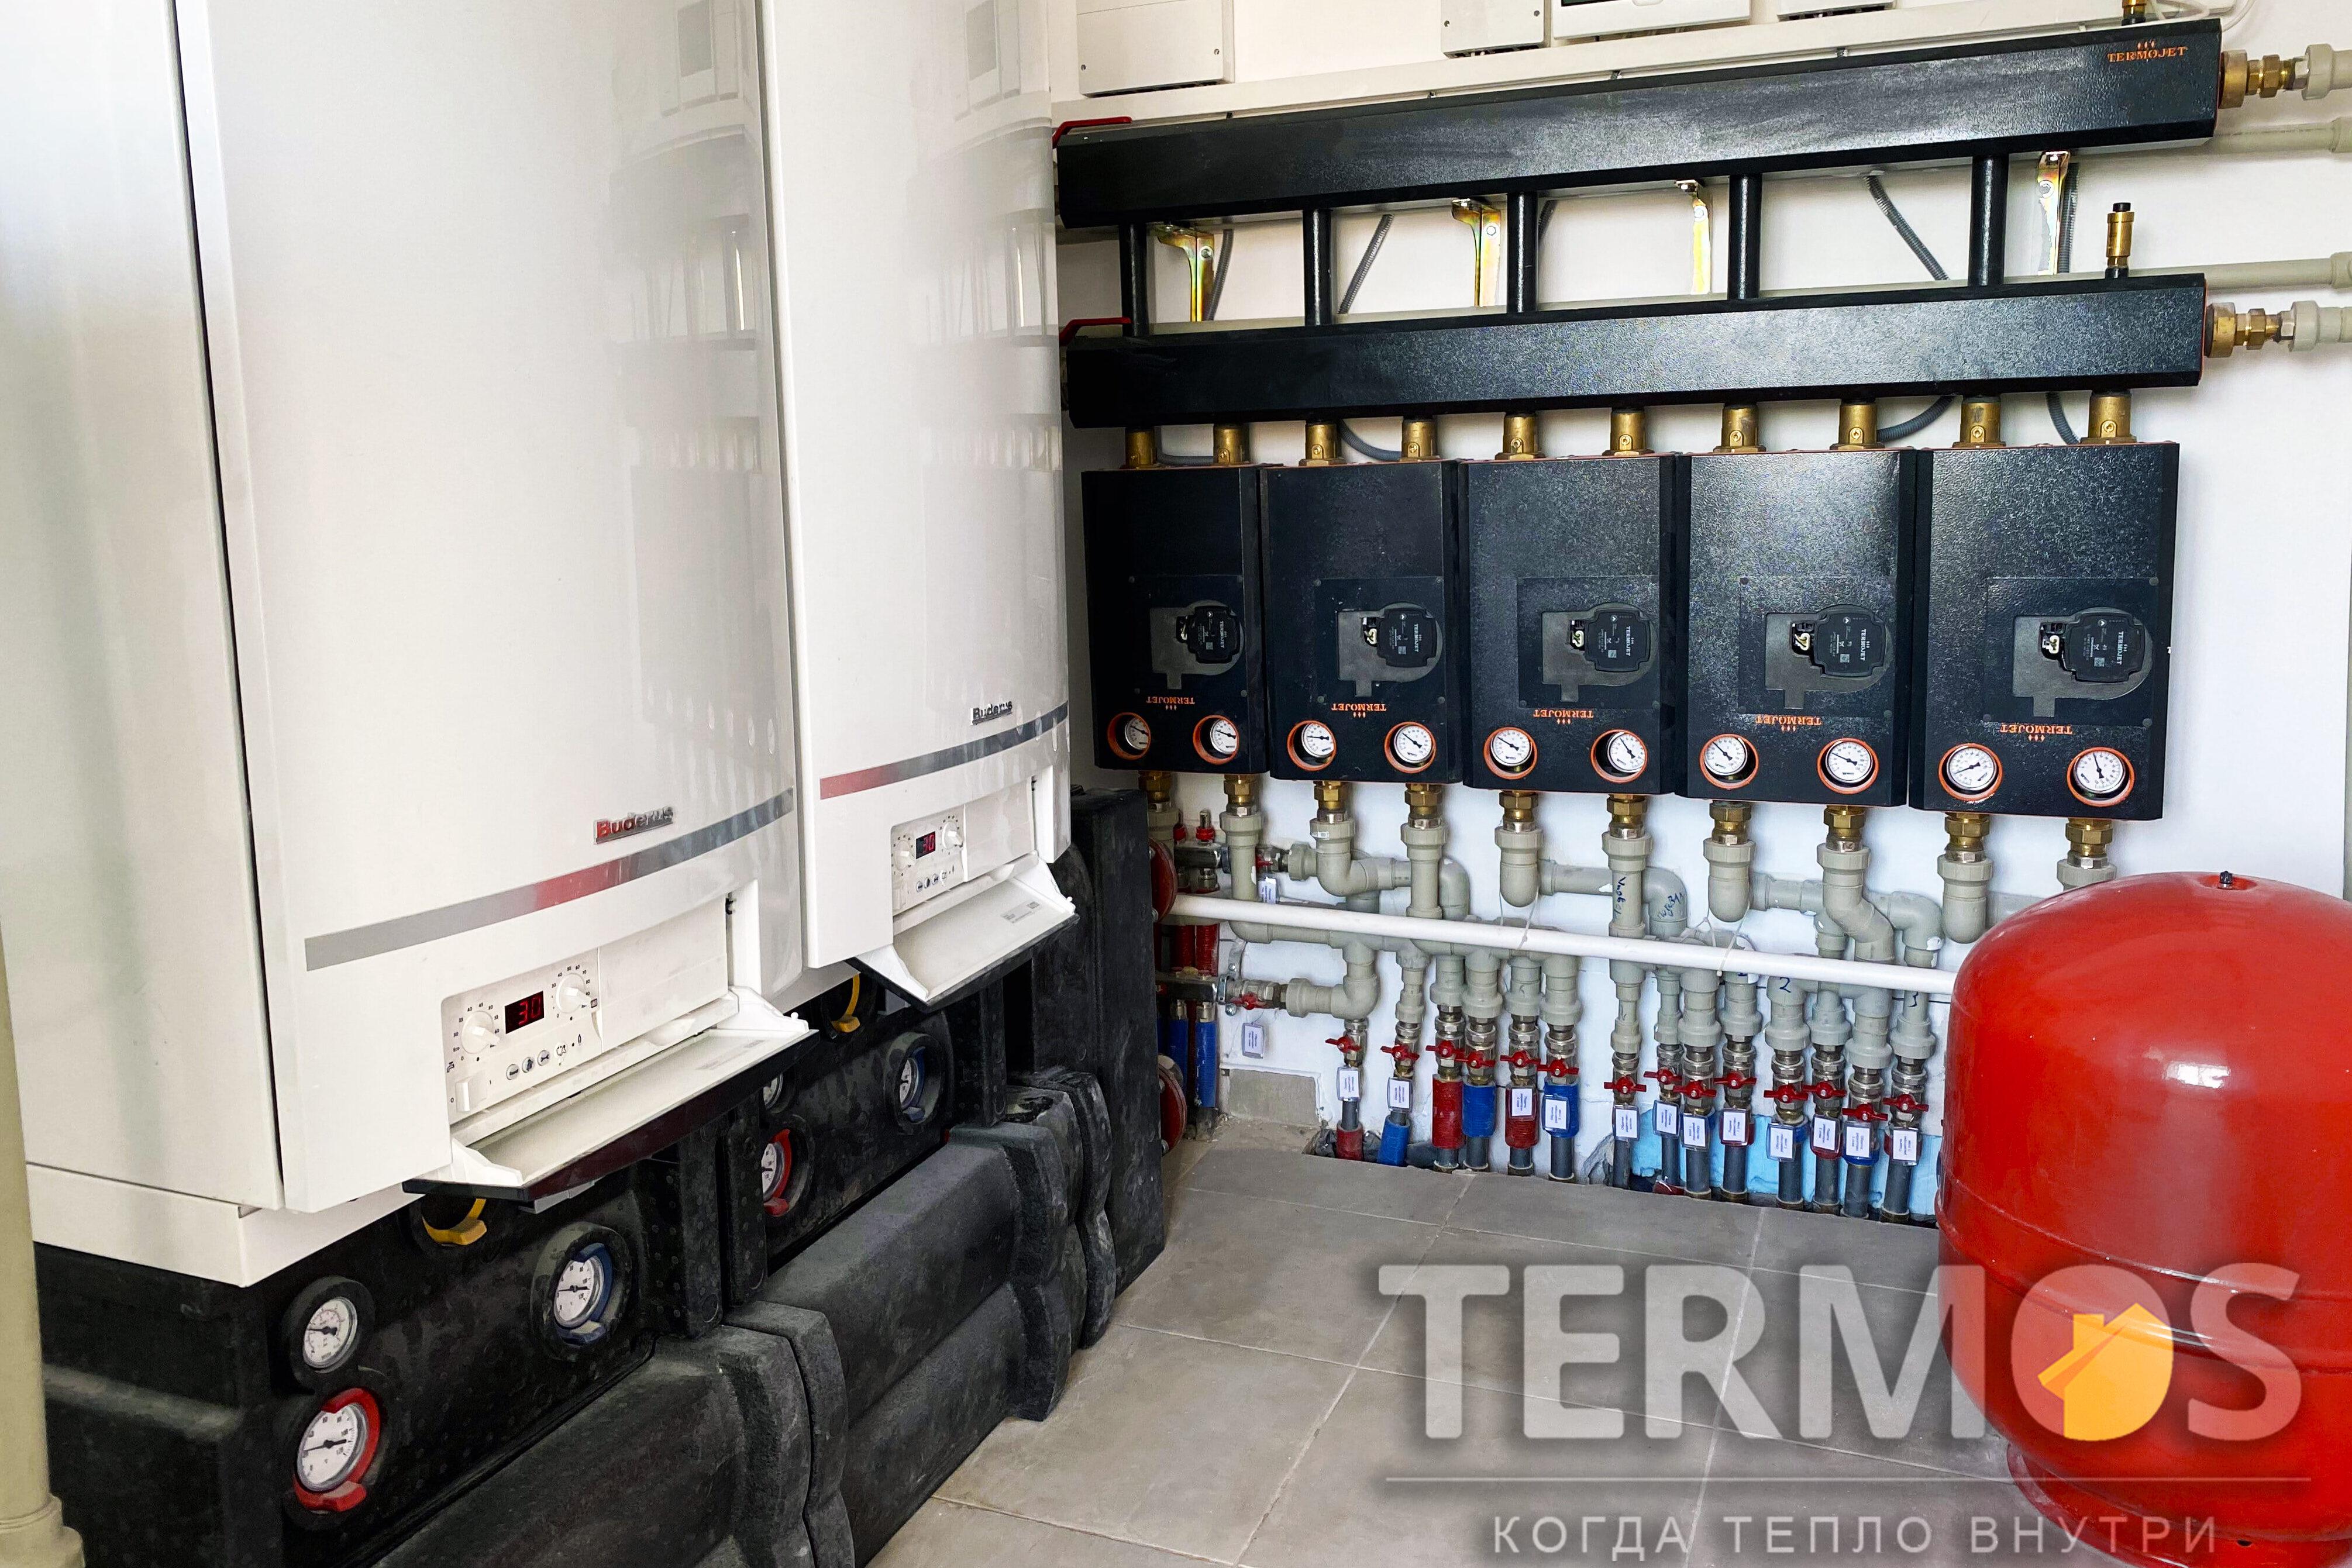 Газовые конднсационные котелы Valliant ecoTEC plus VU OE 1006 /5 -5 96,2 кВт. Номинальный КПД 109%